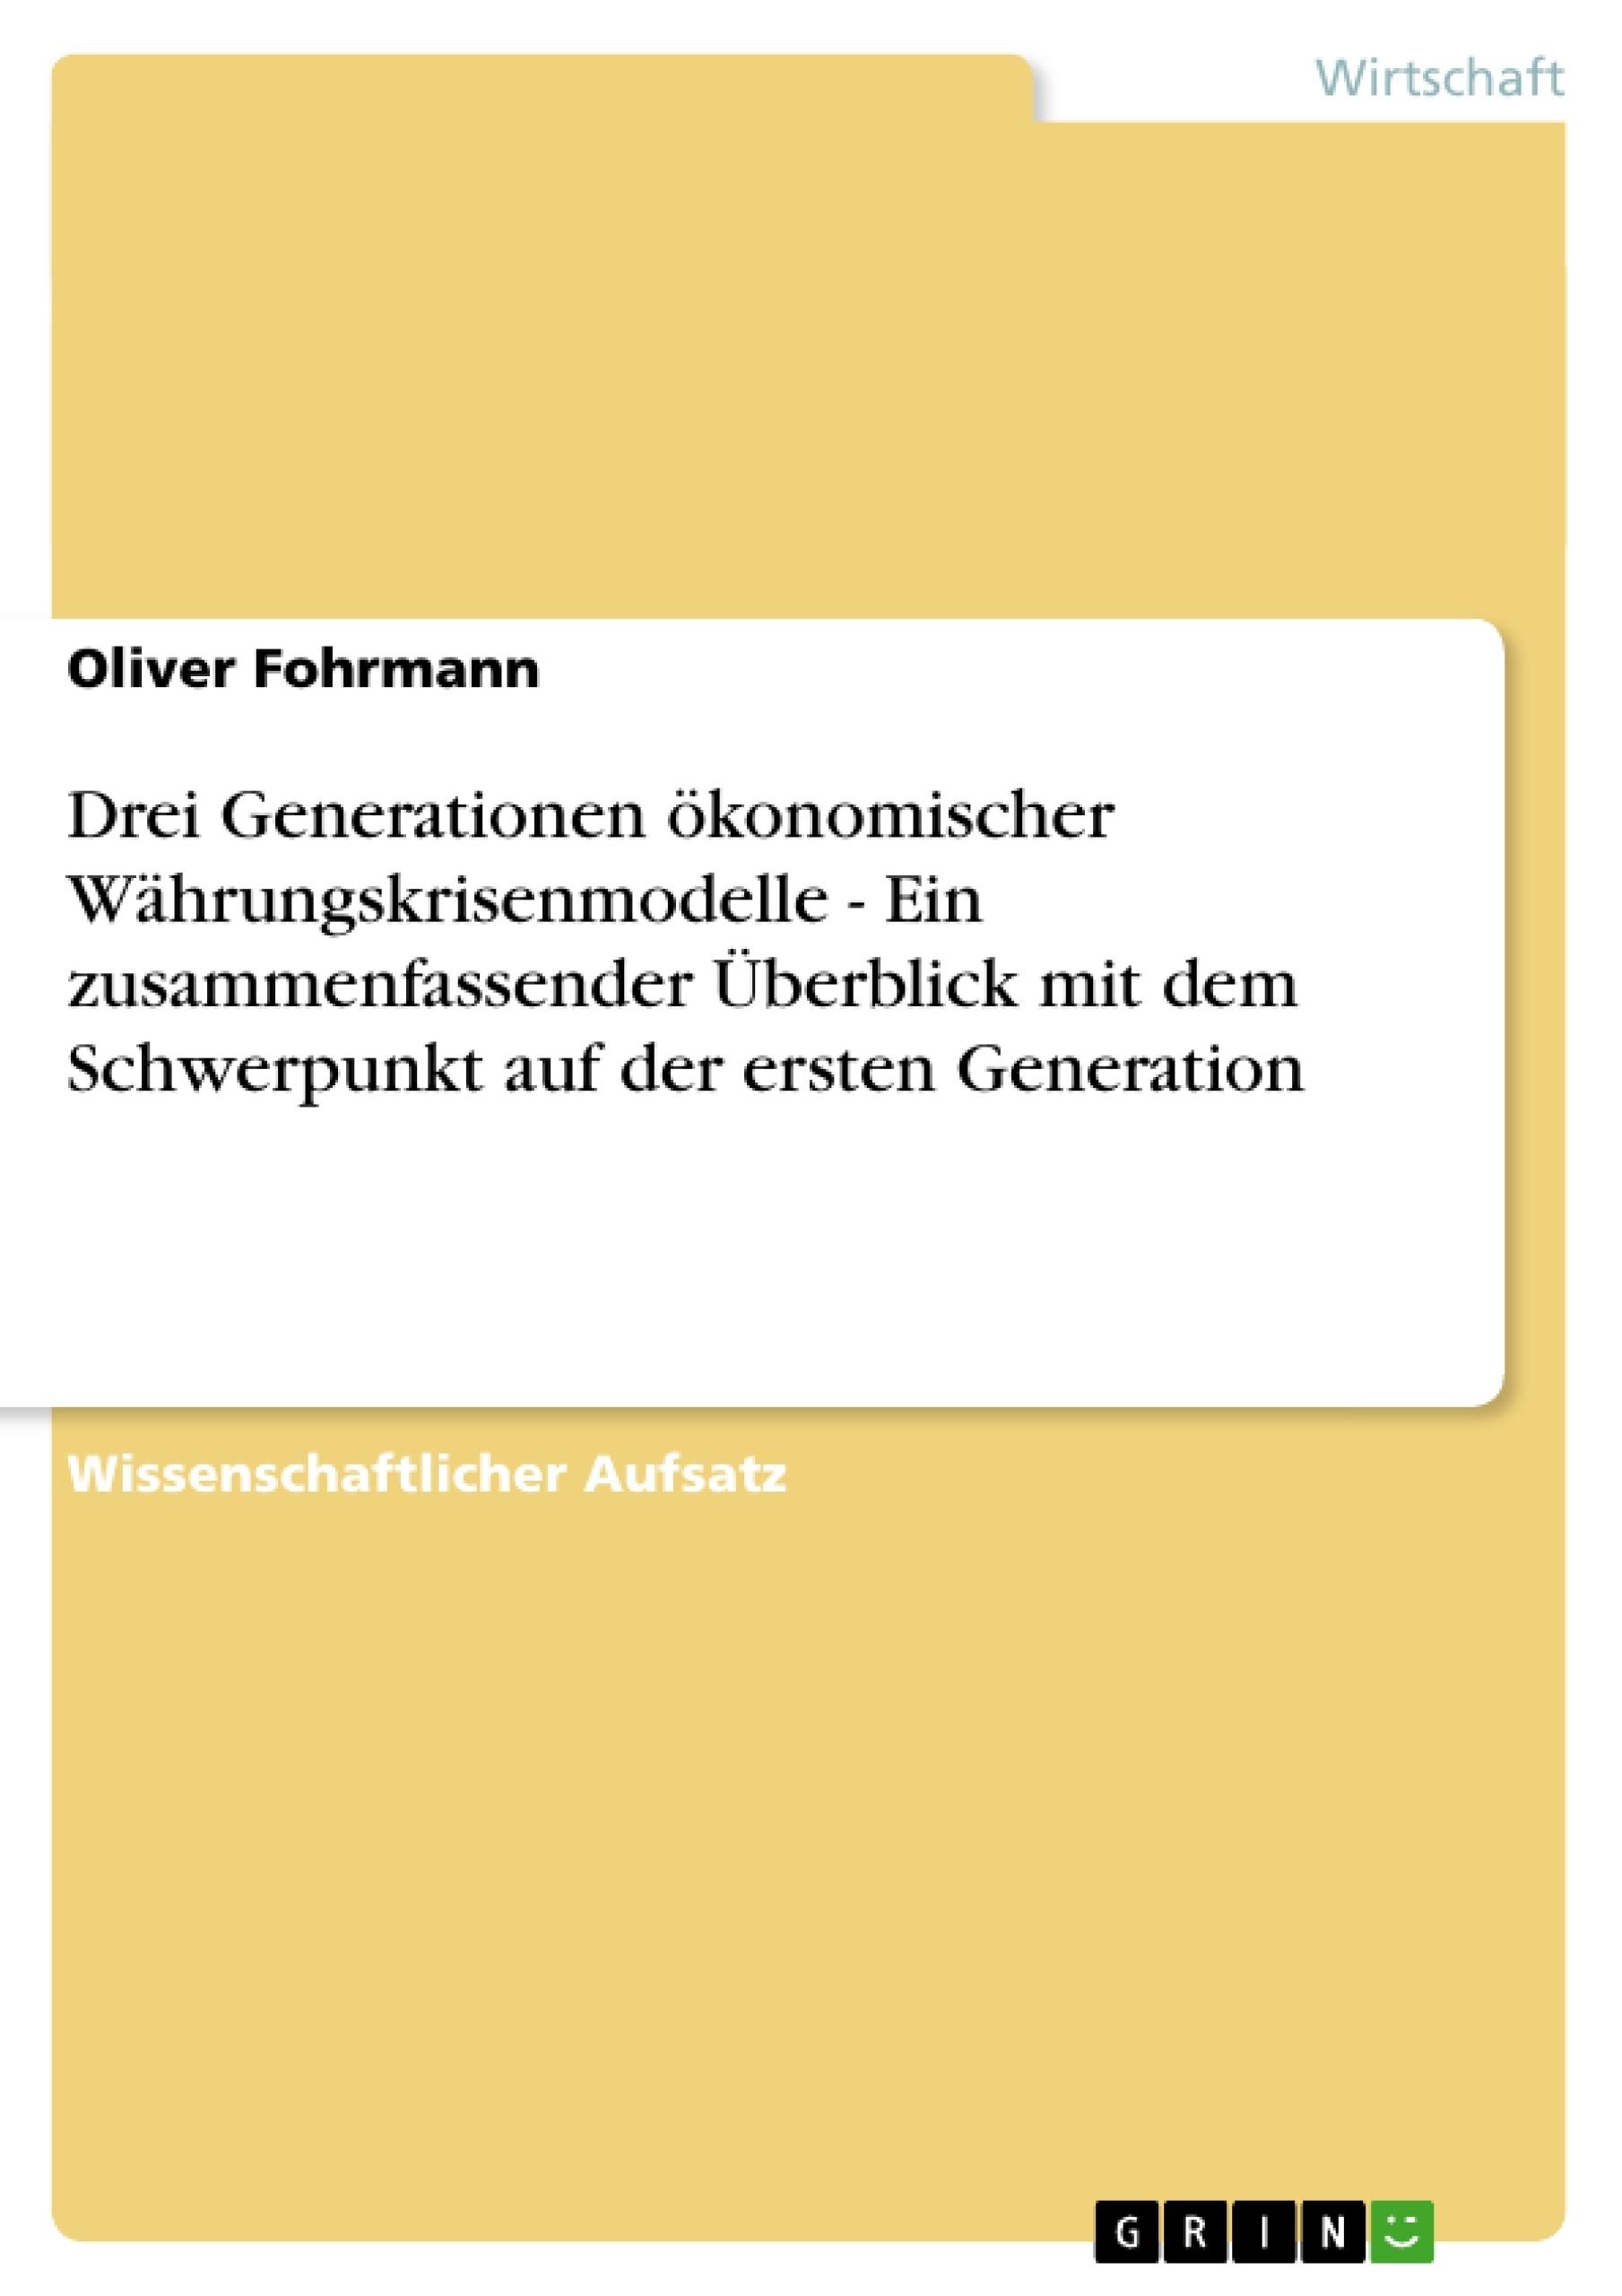 Titel: Drei Generationen ökonomischer Währungskrisenmodelle - Ein zusammenfassender Überblick mit dem Schwerpunkt auf der ersten Generation